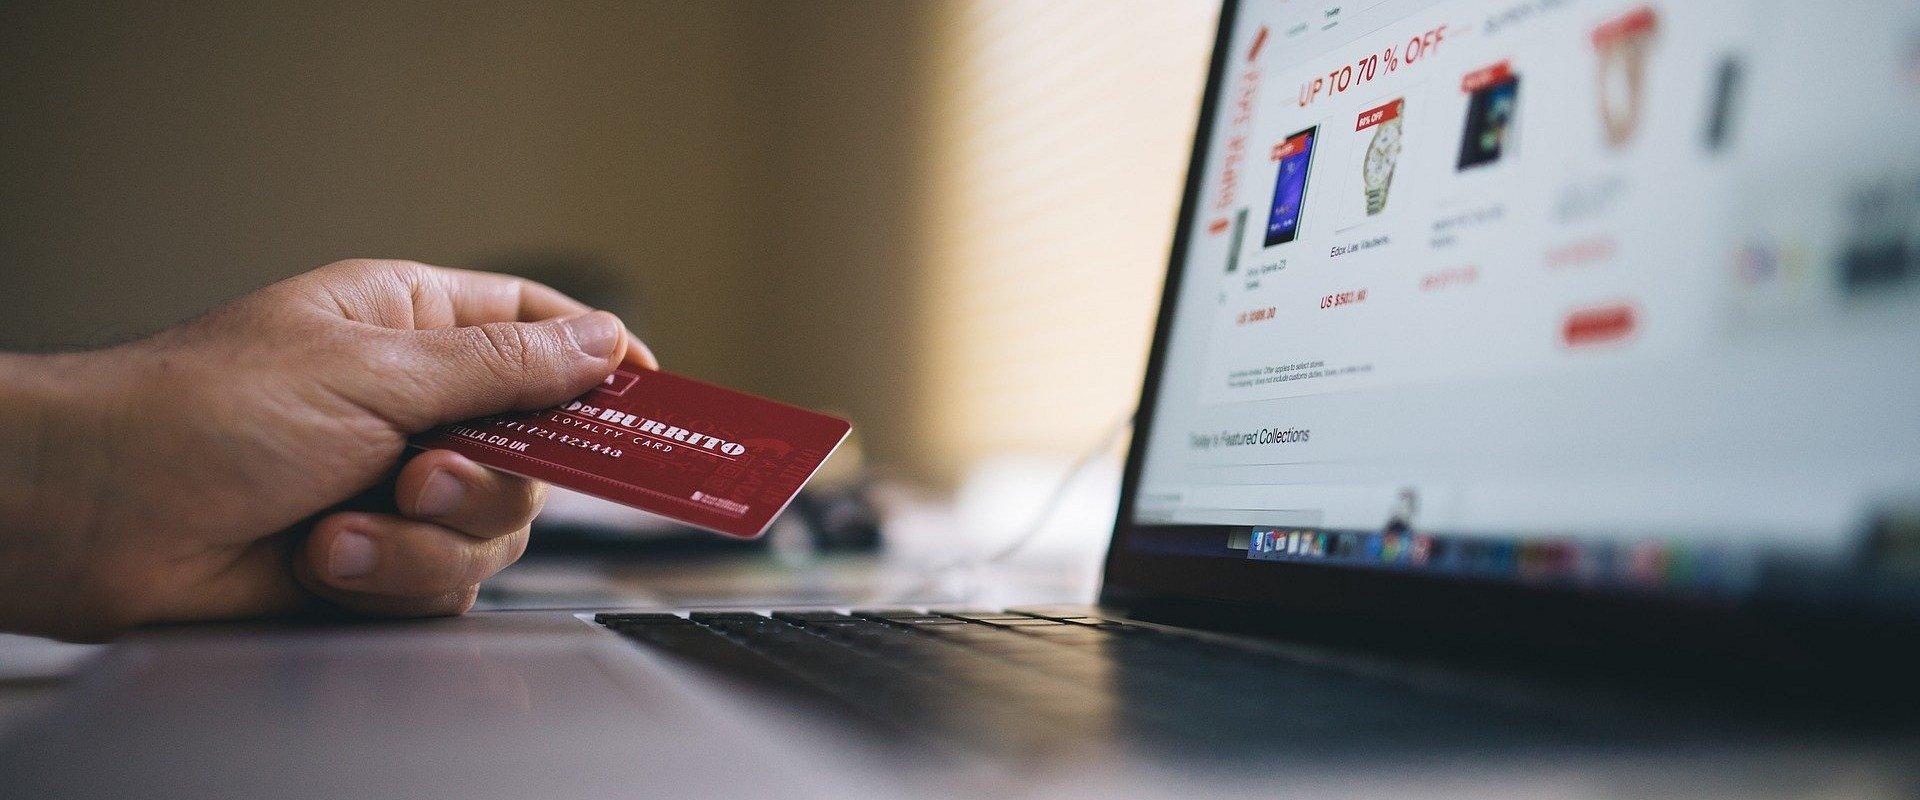 Na co uważać podczas świątecznych zakupów w sieci?